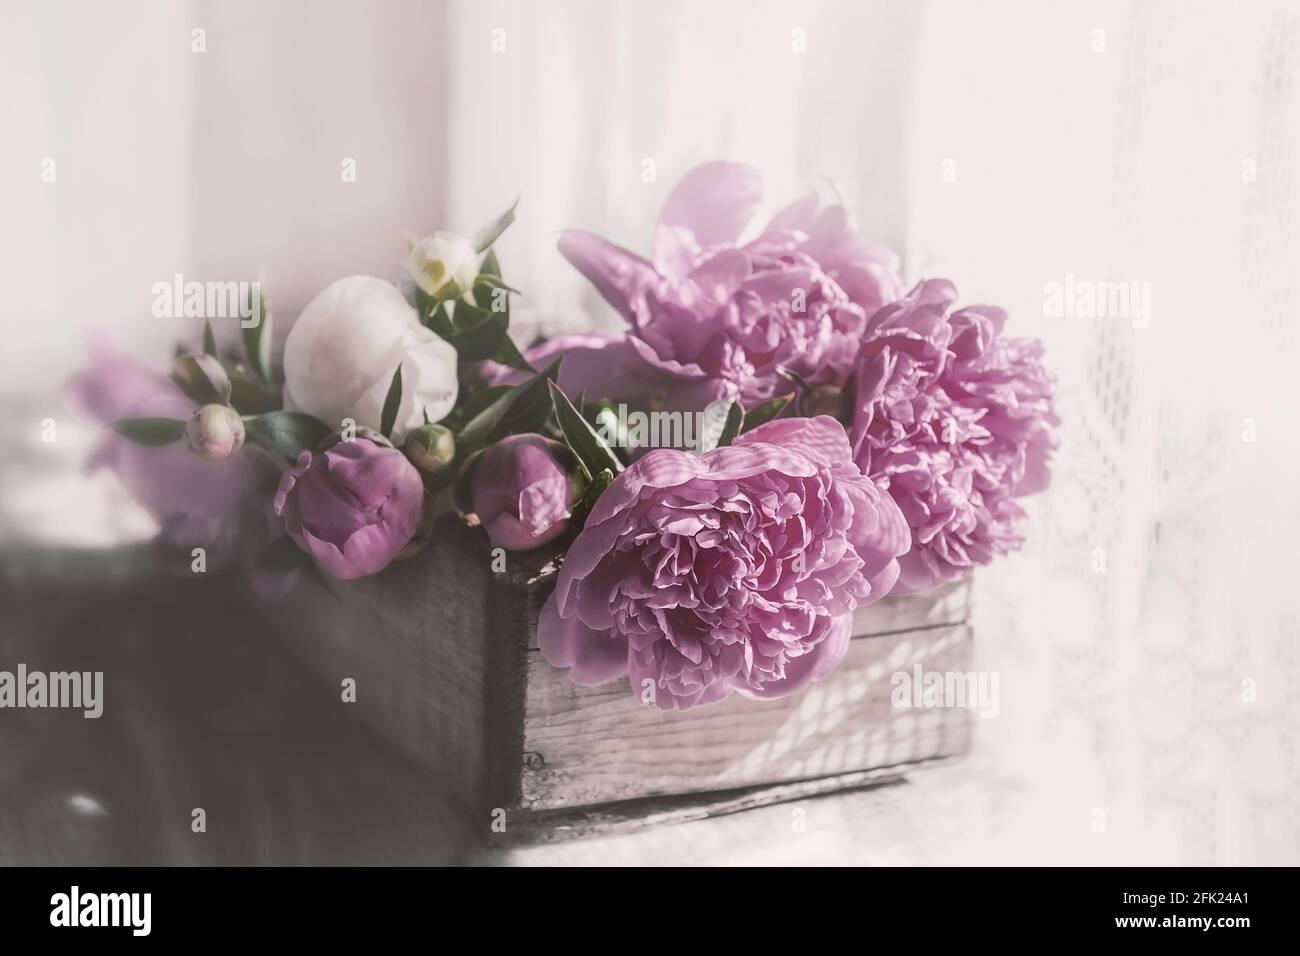 Romantiche peonie rosa vintage in una vecchia scatola in legno testurizzato. Spazio copia. Foto Stock